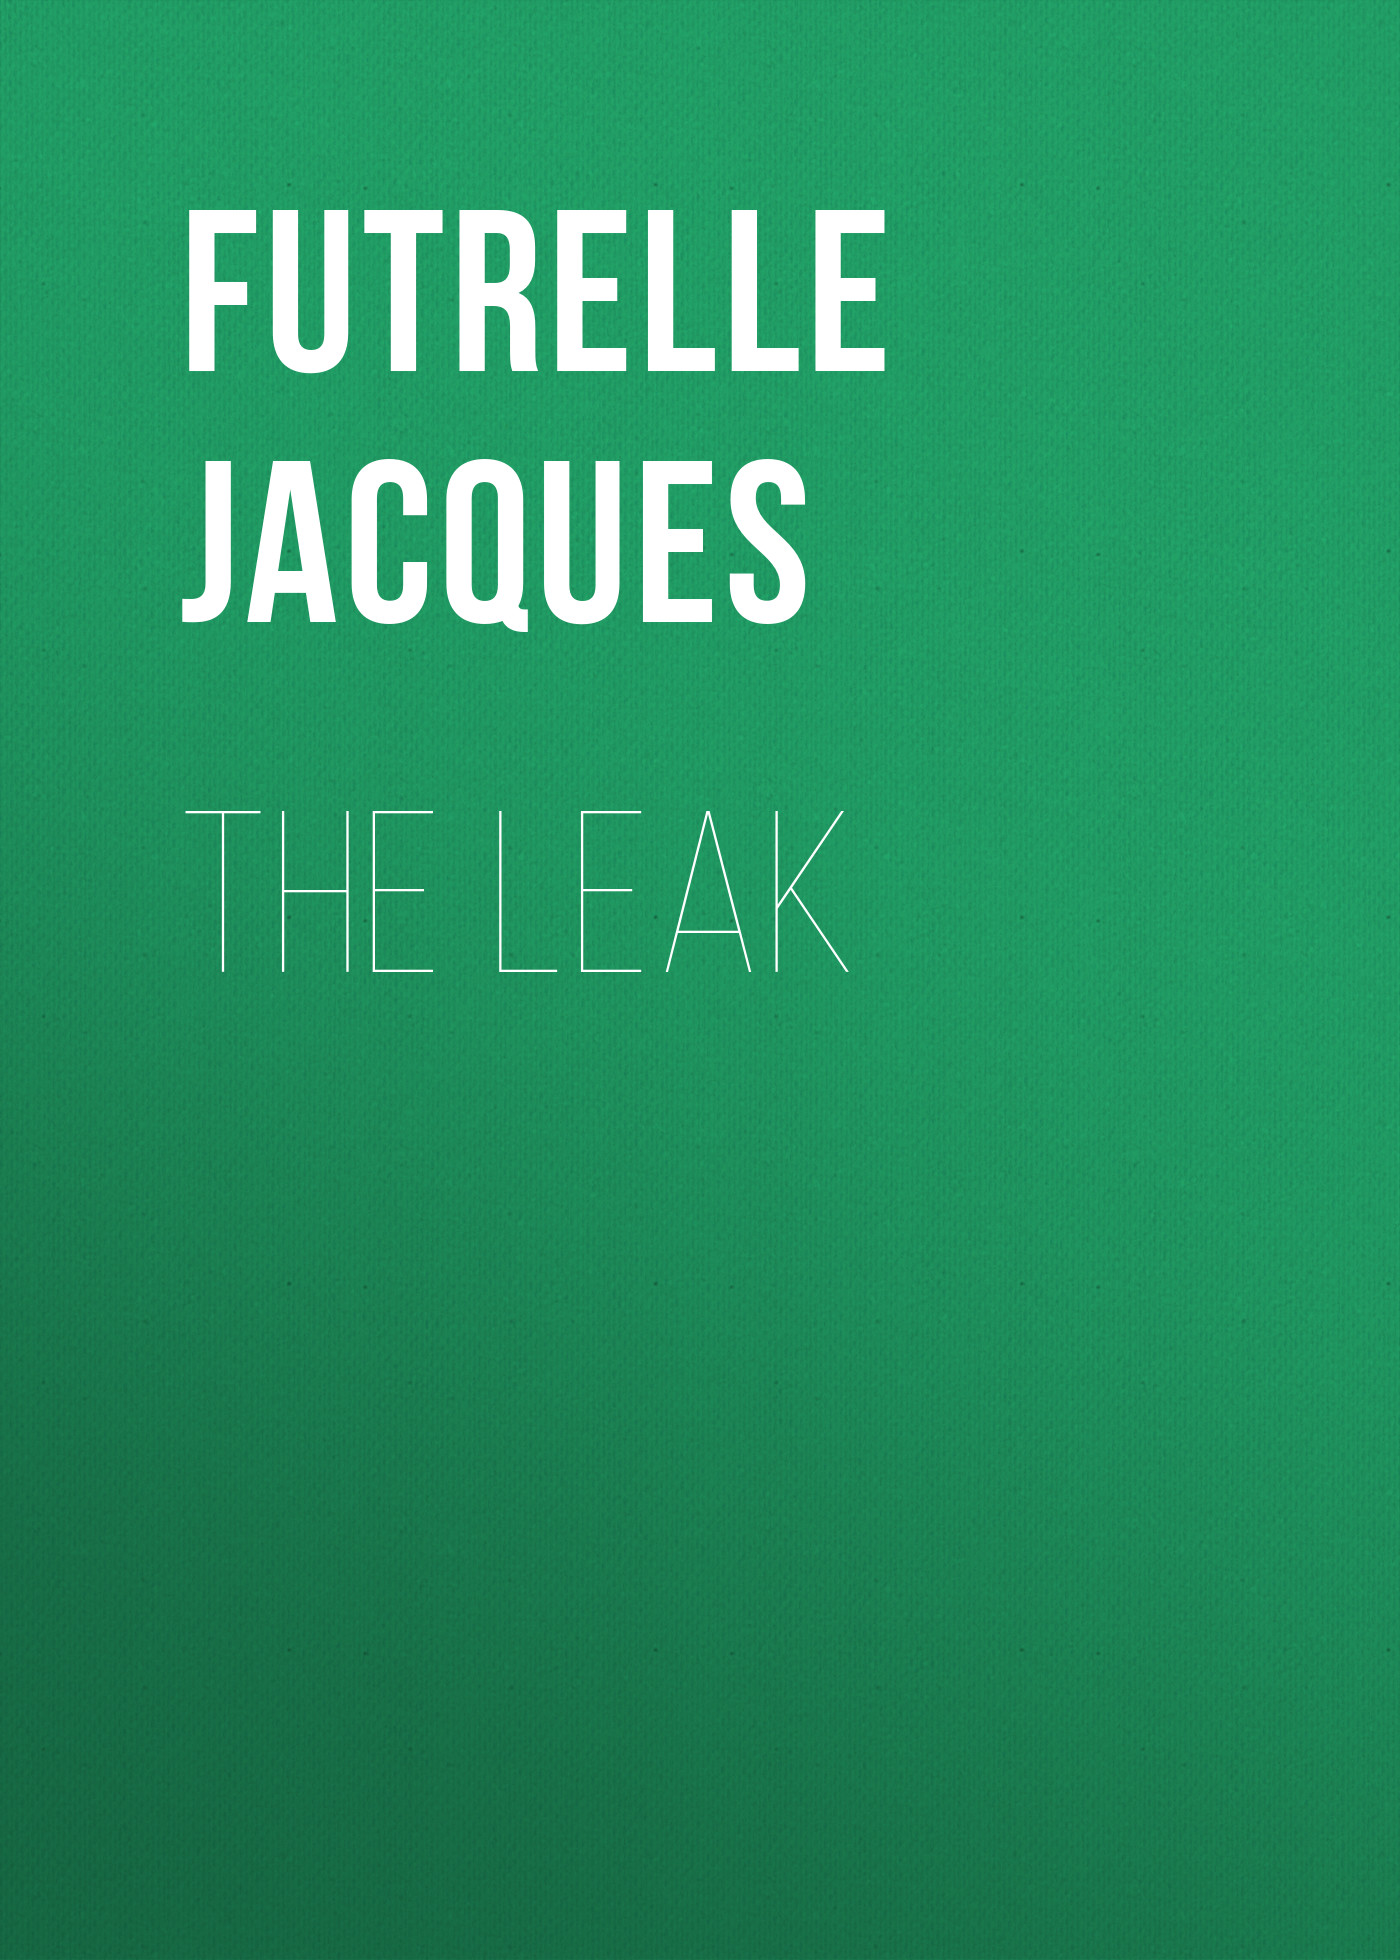 Futrelle Jacques The Leak ultrasonic leak detector 40khz ultrasonic transmitter reliable detection gas leak detector led indicator all sun em282